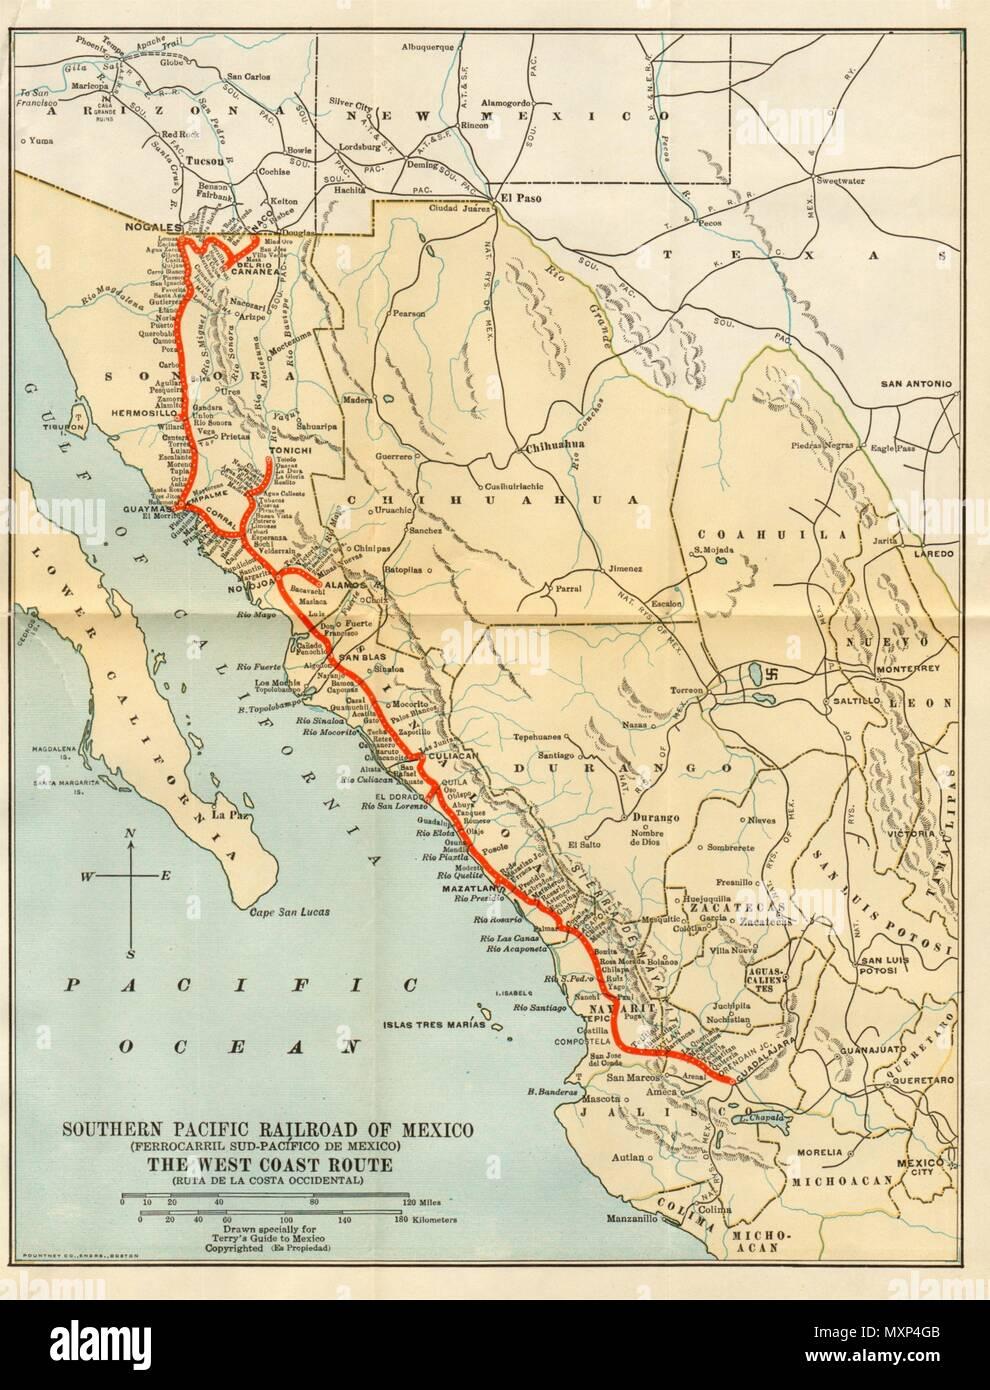 Pacific Mexico Map.Southern Pacific Railroad Ferrocarril Sud Pacifico De Mexico 1935